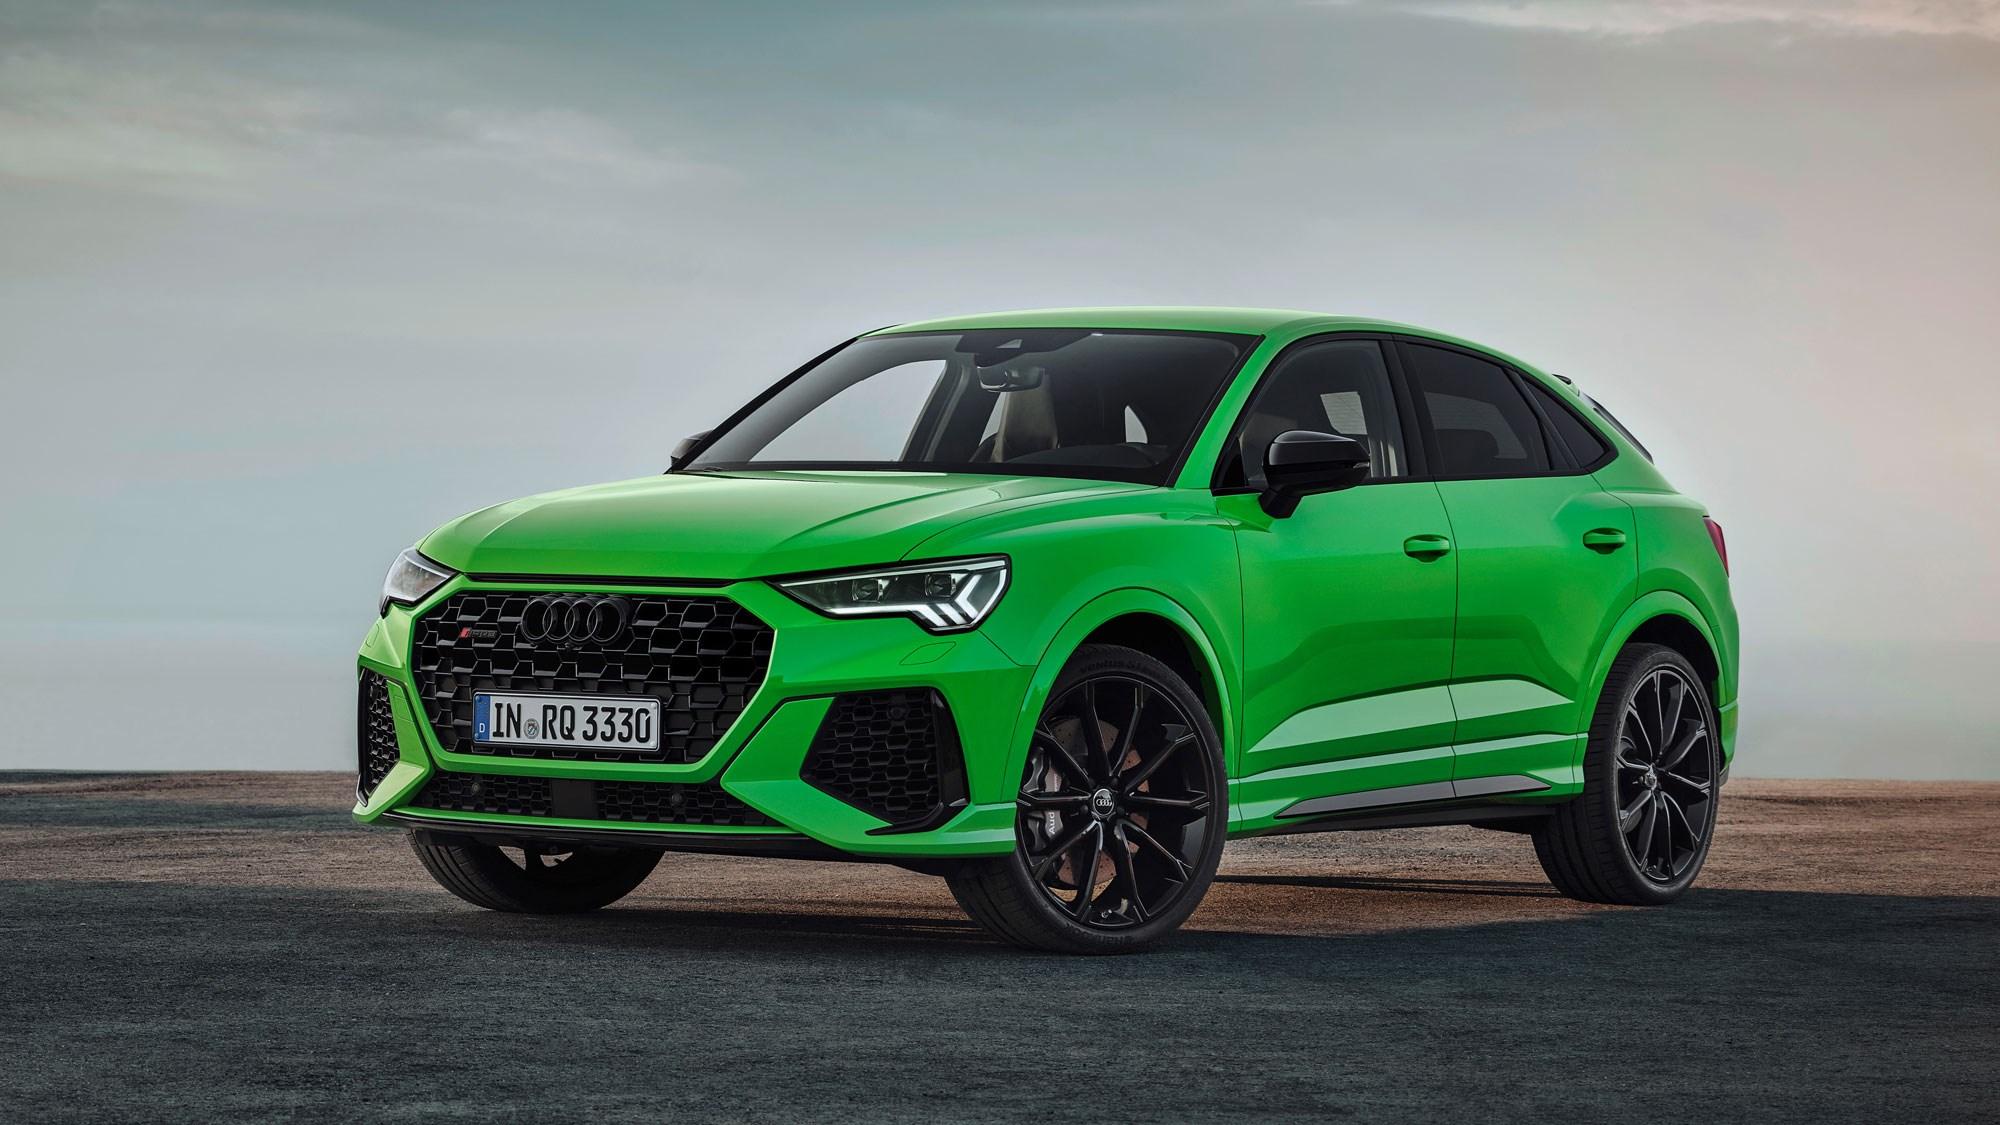 Kekurangan Audi Rs Q3 Review